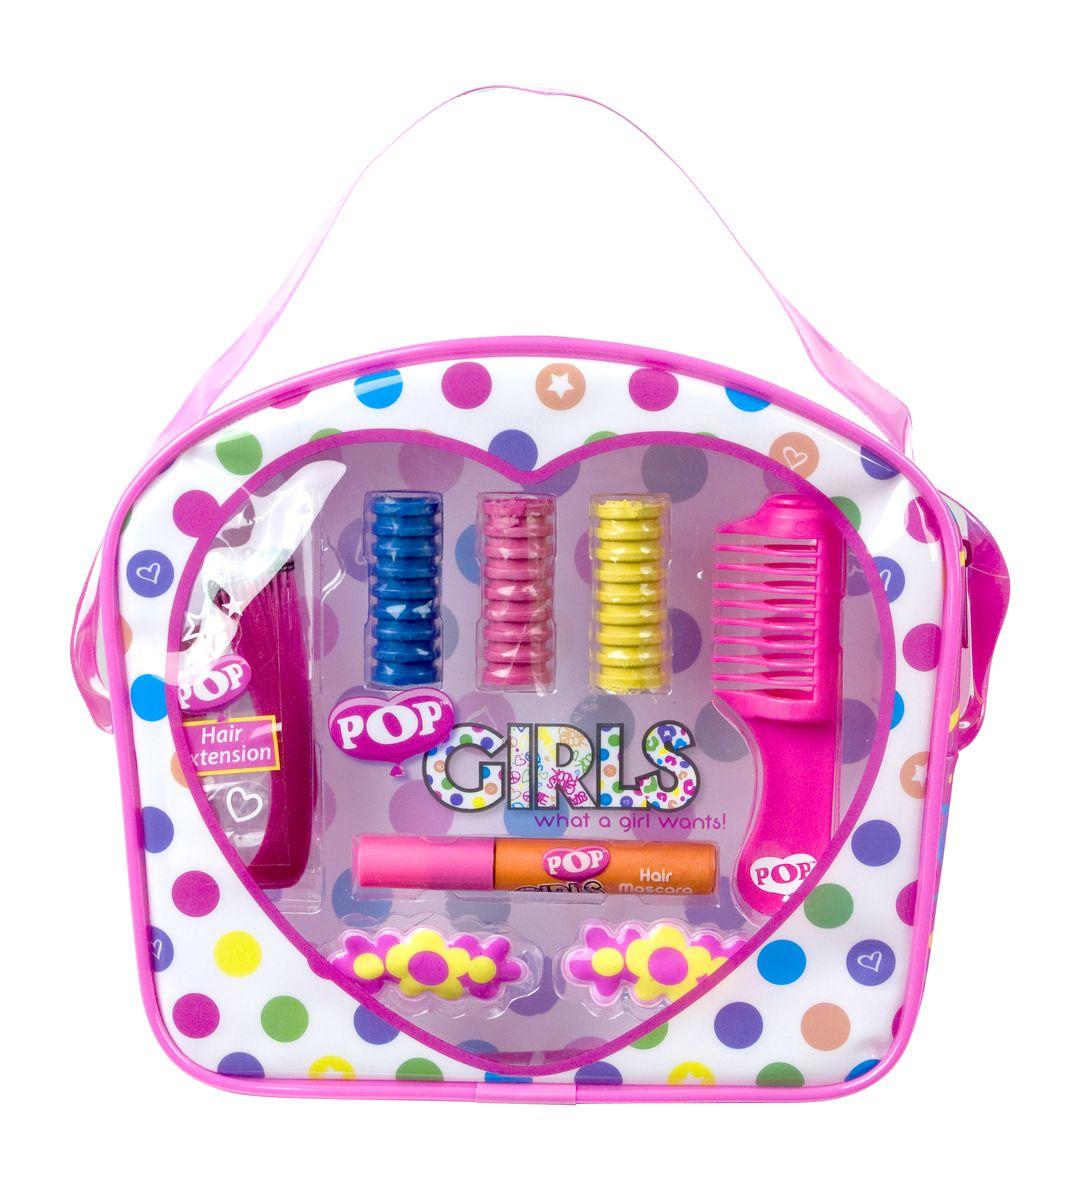 Markwins Игровой набор детской декоративной косметики для волос Pop Girl1301210Набор детской косметики для окрашивания волос Markwins Pop Girl поможет создать яркий образ! При этом краска легко смывается обычной водой, не содержит вредных веществ, не портит волосы. В набор входит флакончик с краской для волос и специальные мелки, которыми можно легко покрасить отдельные пряди. Искусственная прядь придаст дополнительную изюминку. Детская краска для волос прекрасно подойдет для создания образа перед маскарадом, праздником или выступлением.Детская косметика Markwins создана с соблюдением самых высоких европейских стандартов безопасности. Продукция не содержит парабенов, метилизотиазолинона, пальмового масла. Предназначена для детей от 7 лет. Несмотря на высокое качество продукции и ее общую гипоаллергенность, производитель рекомендует проверить индивидуальную реакцию на косметику перед ее использованием. Просто нанесите на кожу немного косметики и подержите 30-60 минут. Если на коже появится покраснение, следует прекратить использование продукции. Эта аллергическая реакция проявляется очень редко и зависит от индивидуальных особенностей организма.Условия хранения: хранить при температуре от +5 до +25 градусов; не допускать попадания прямых солнечных лучей.